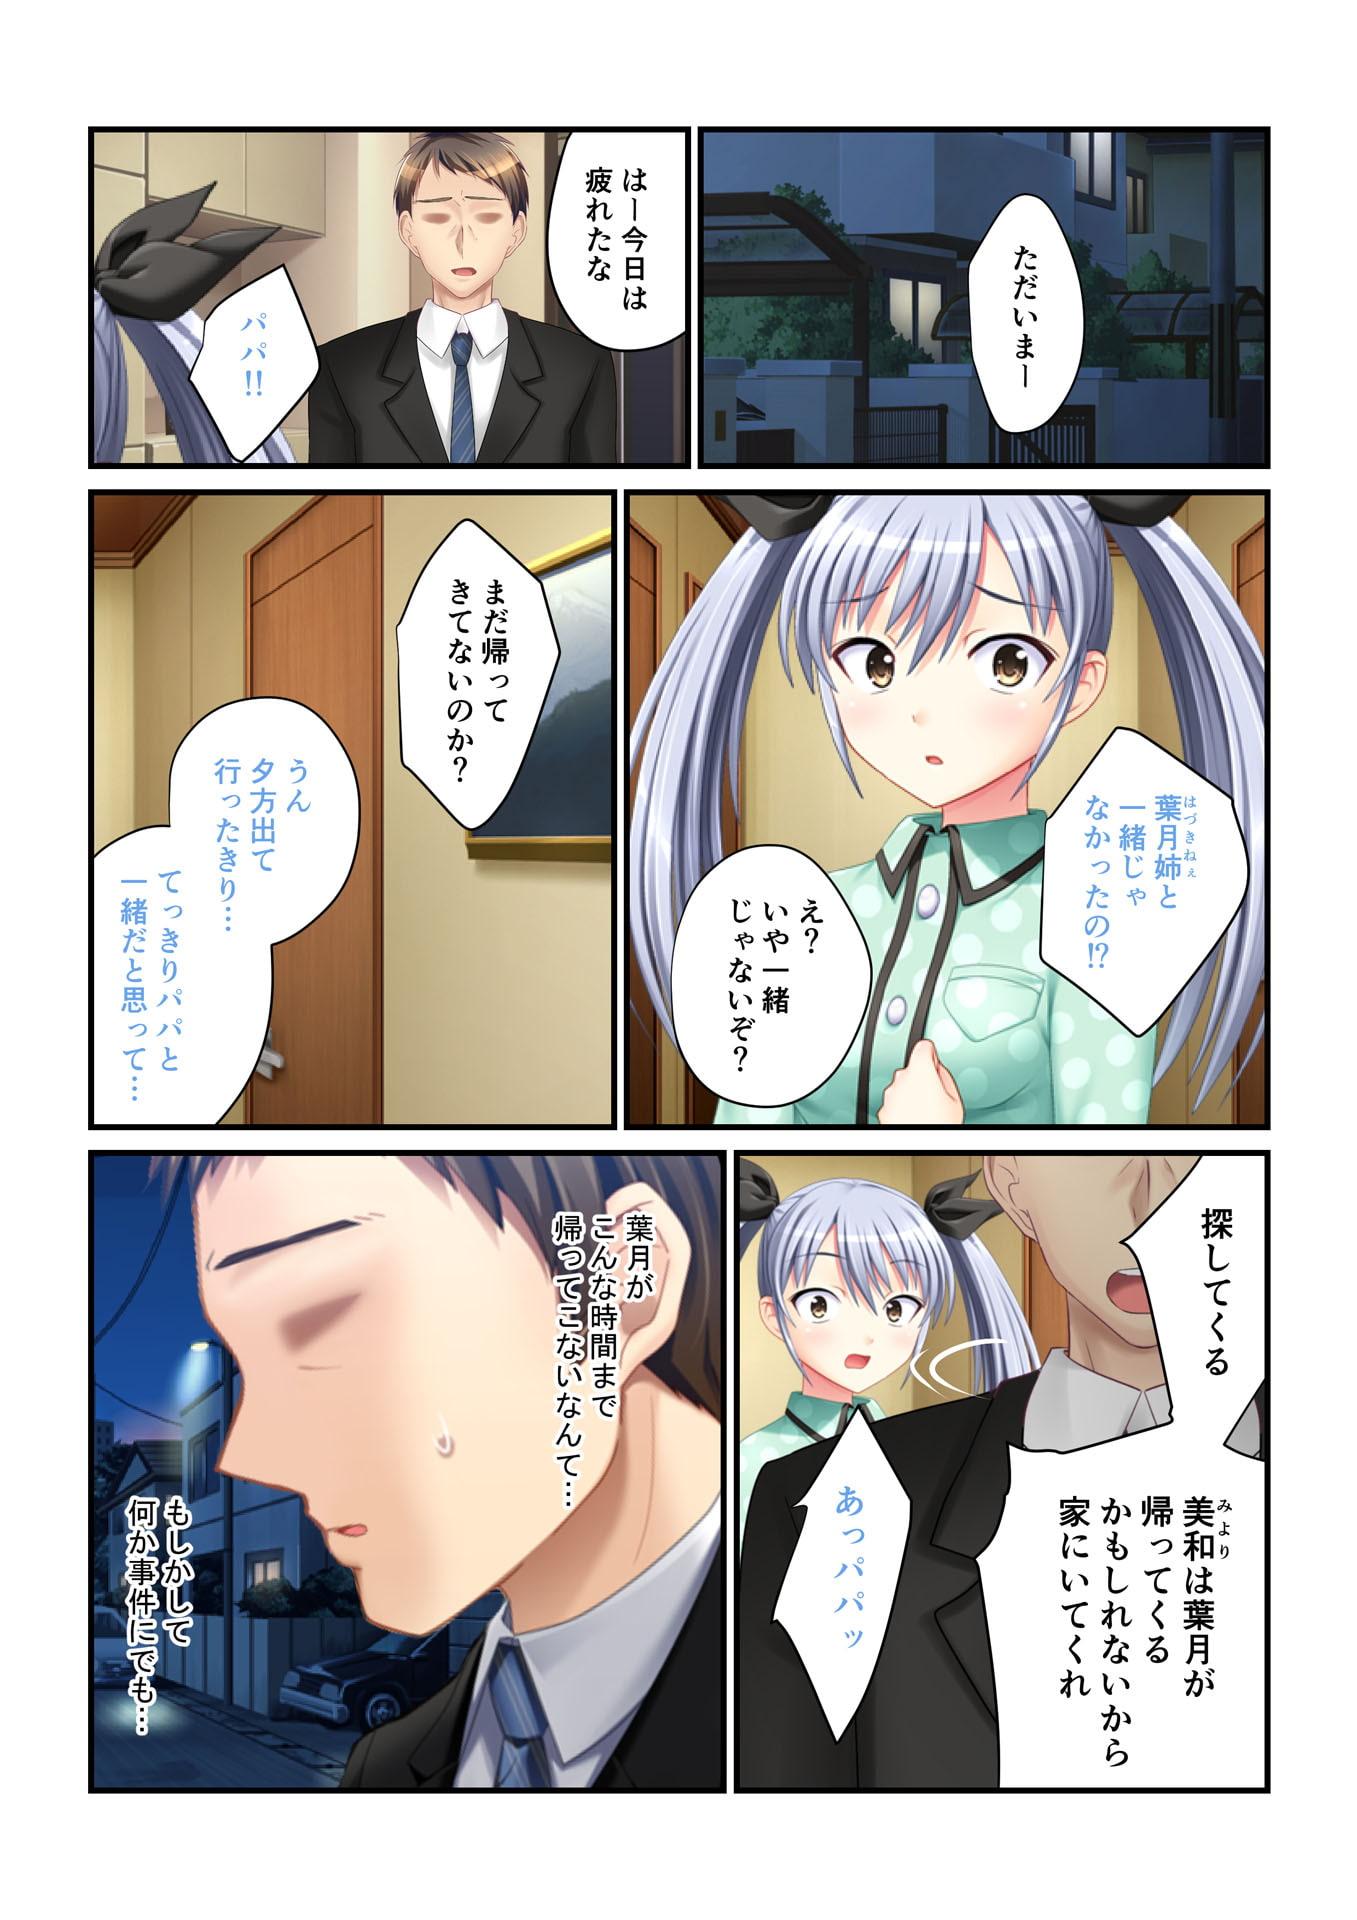 パパ活ハーレム 義娘JKたちのエッチな誘惑(5) フルカラーコミック版